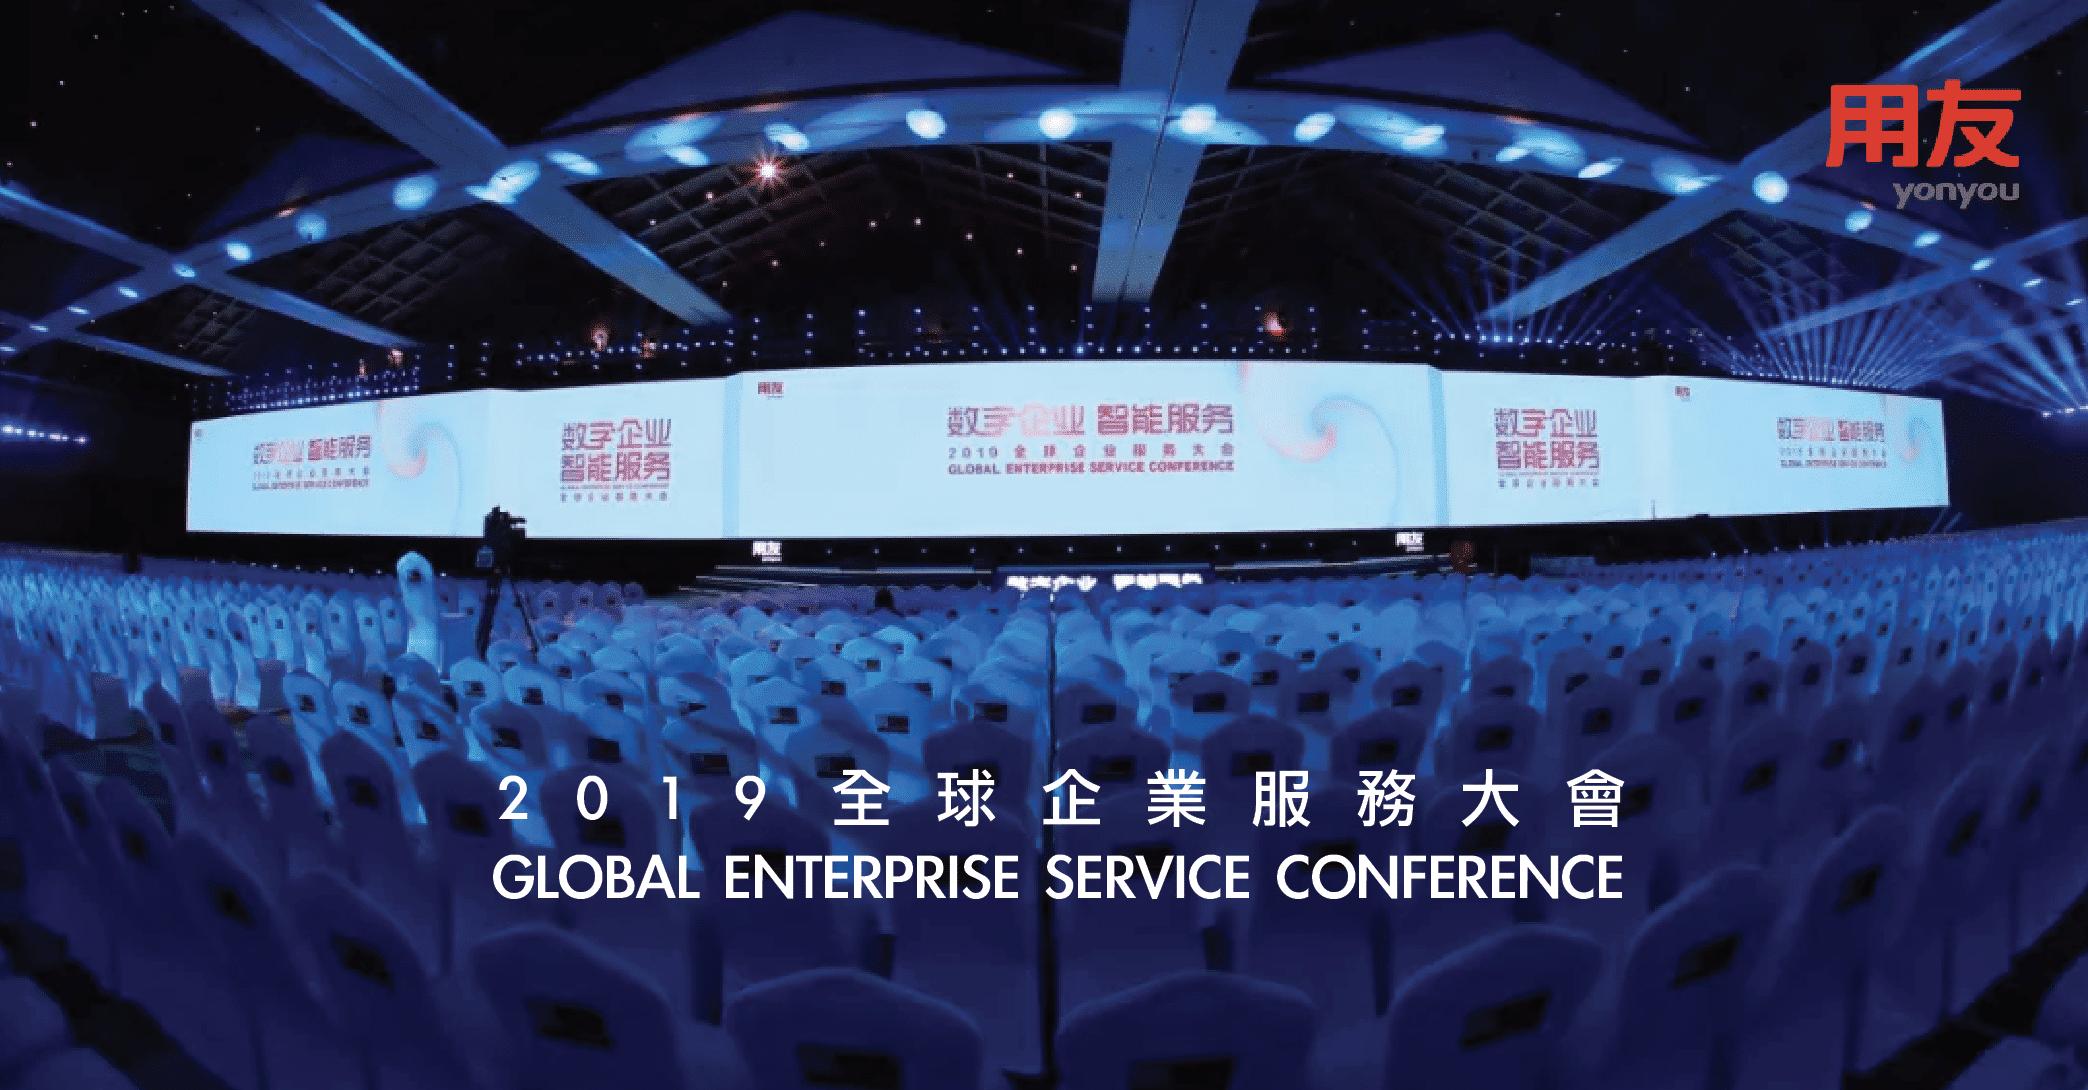 2019 Global Enterprise Service Conference